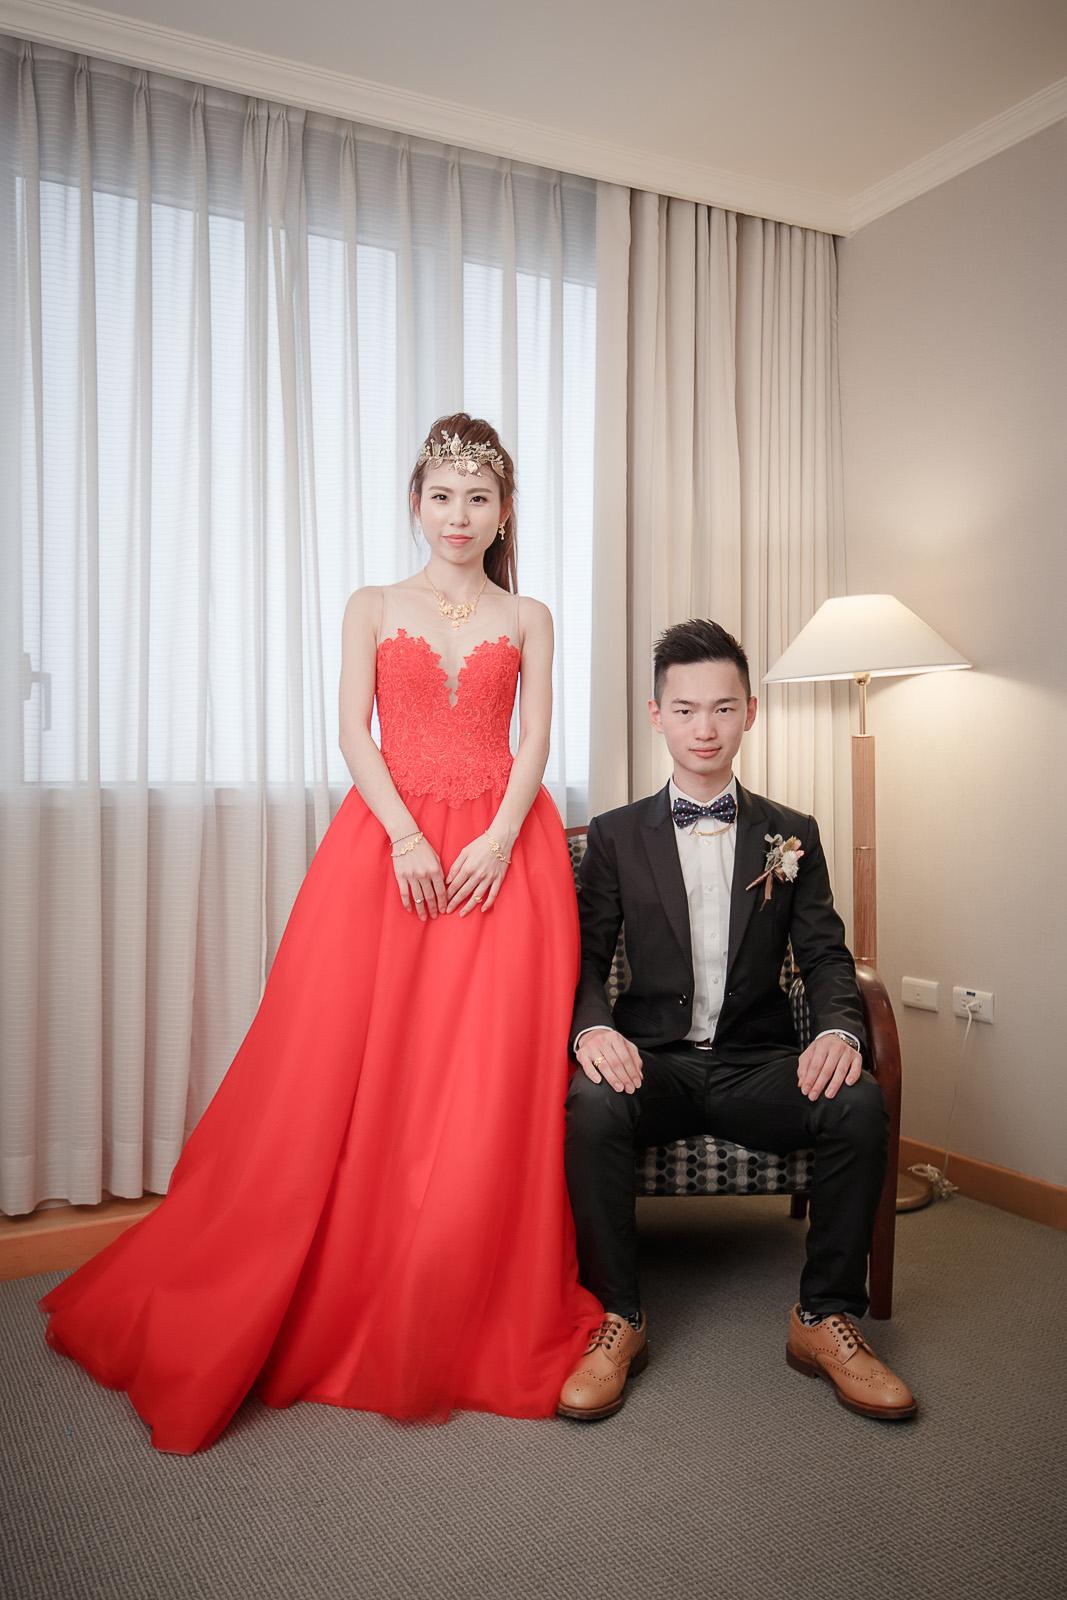 高雄圓山飯店,婚禮攝影,婚攝,高雄婚攝,優質婚攝推薦,Jen&Ethan-061